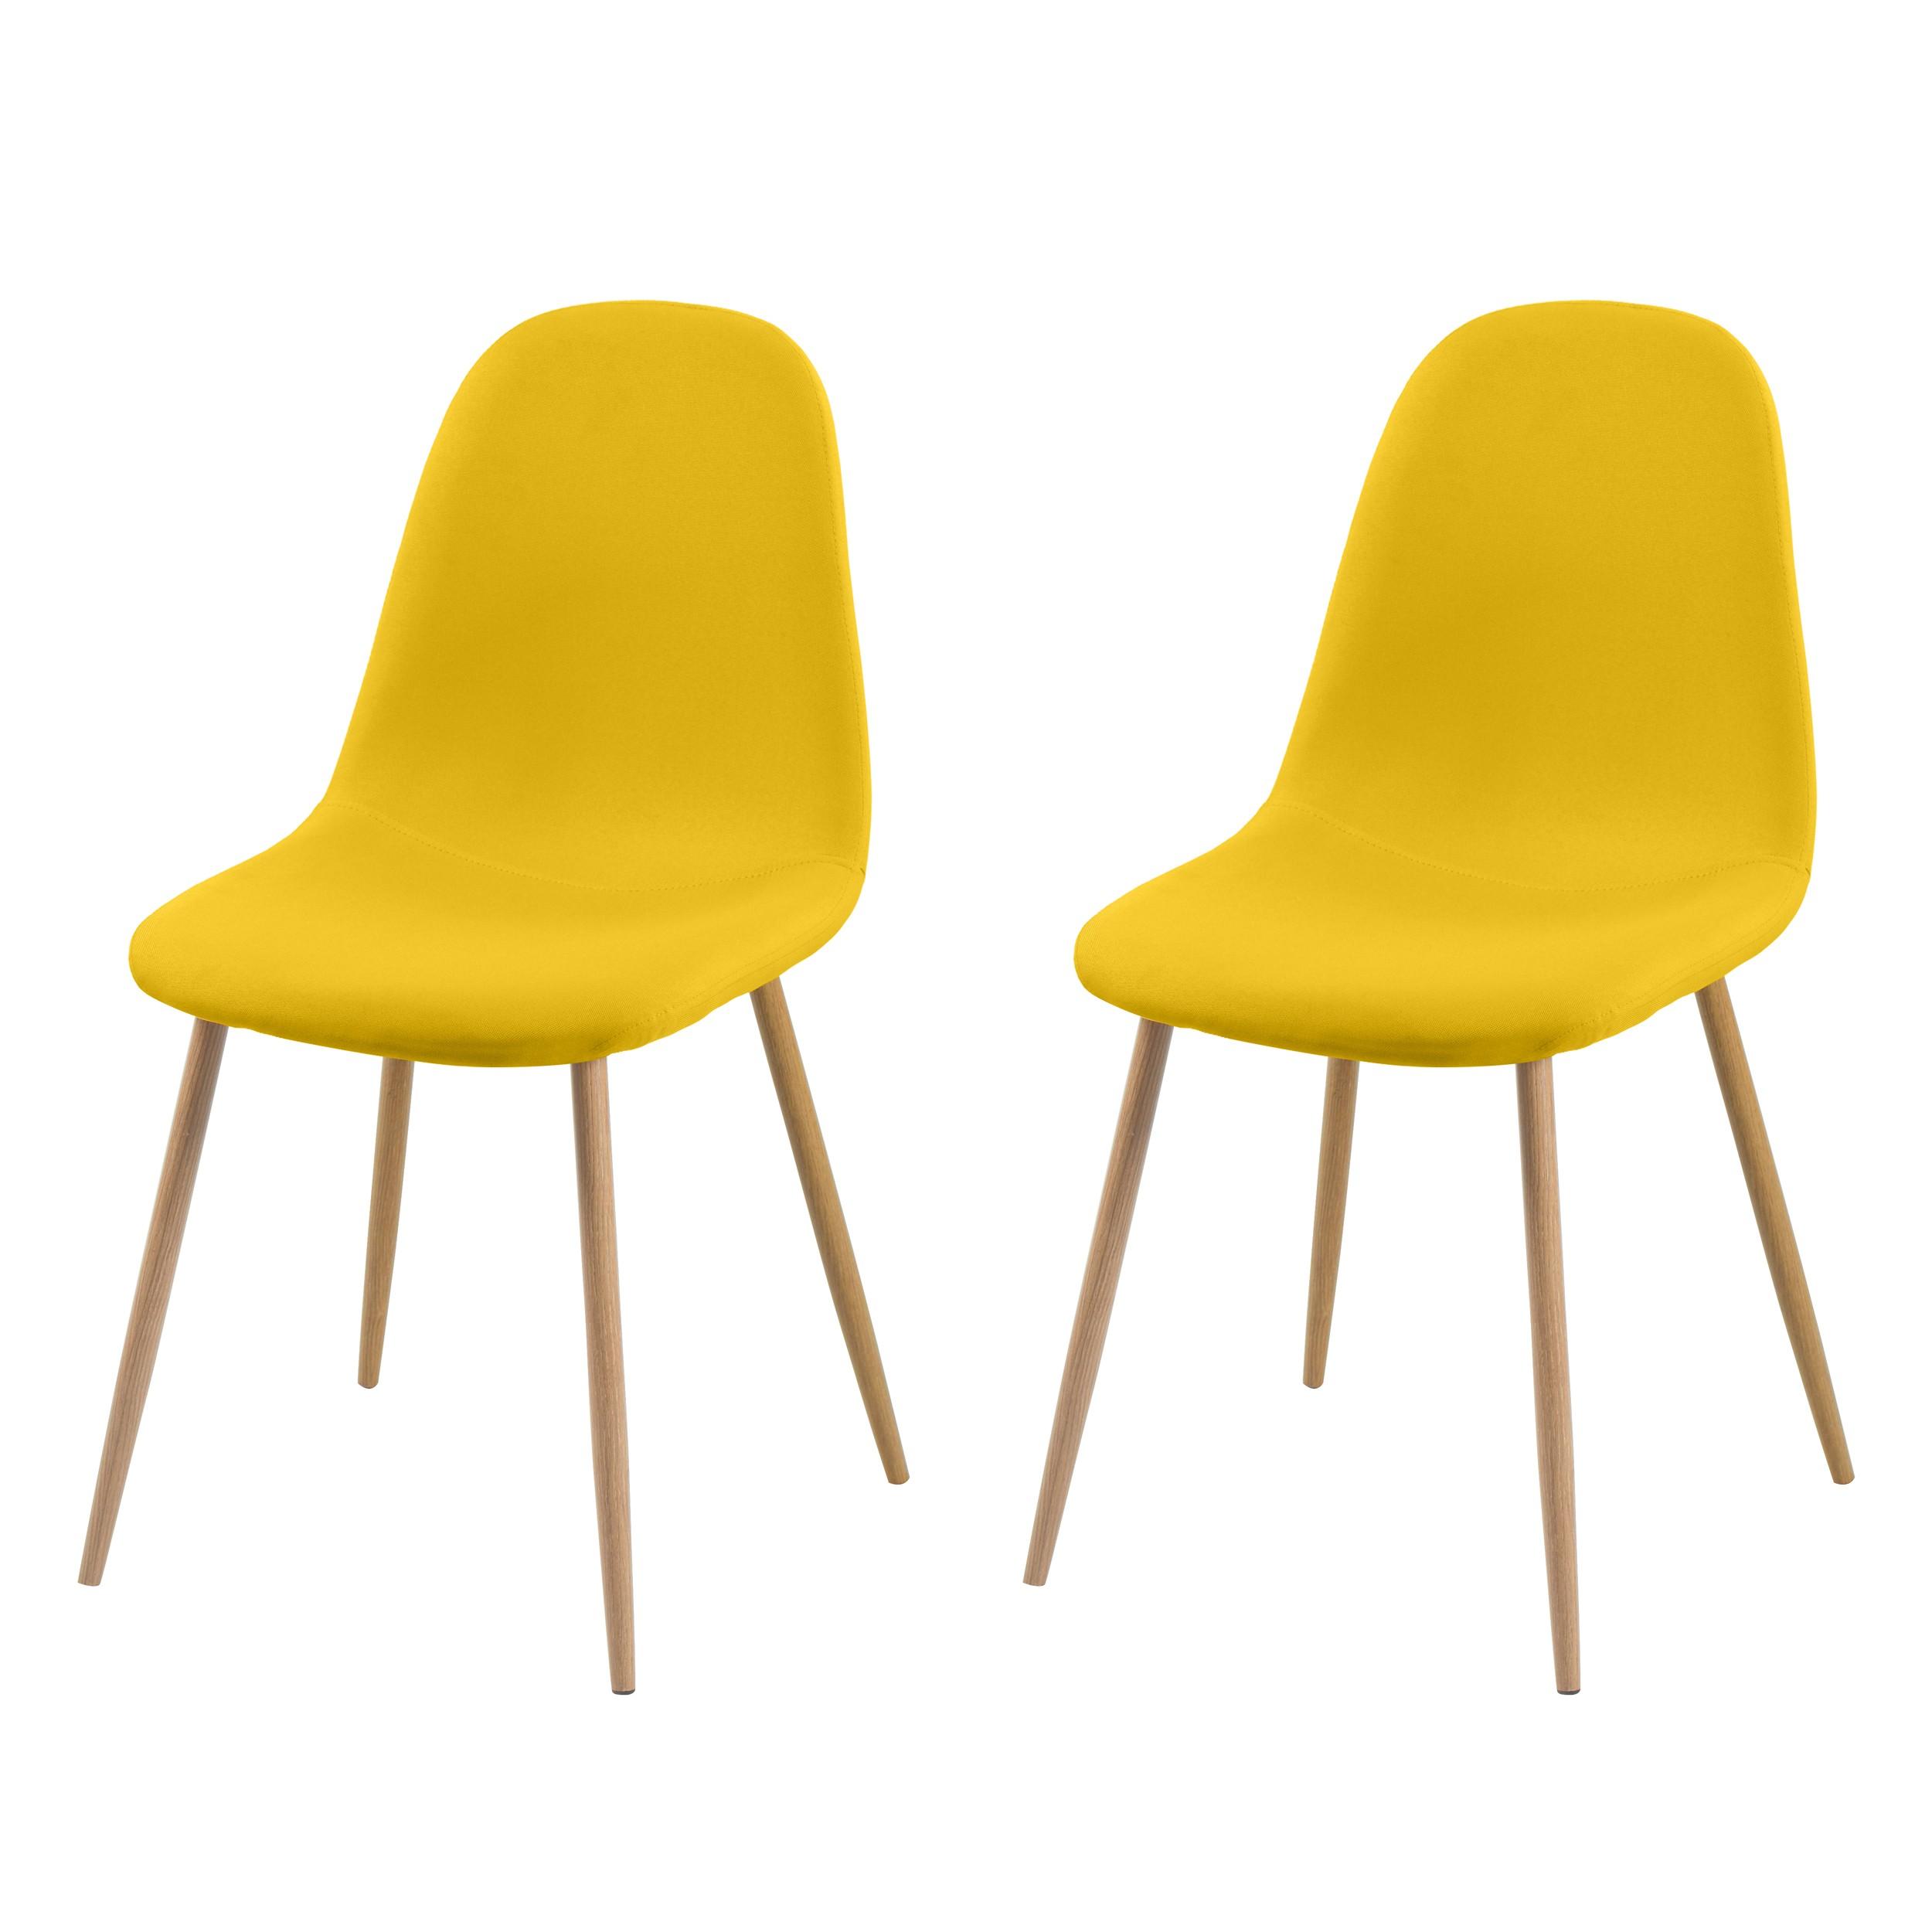 achat chaise jaune tissu bois design